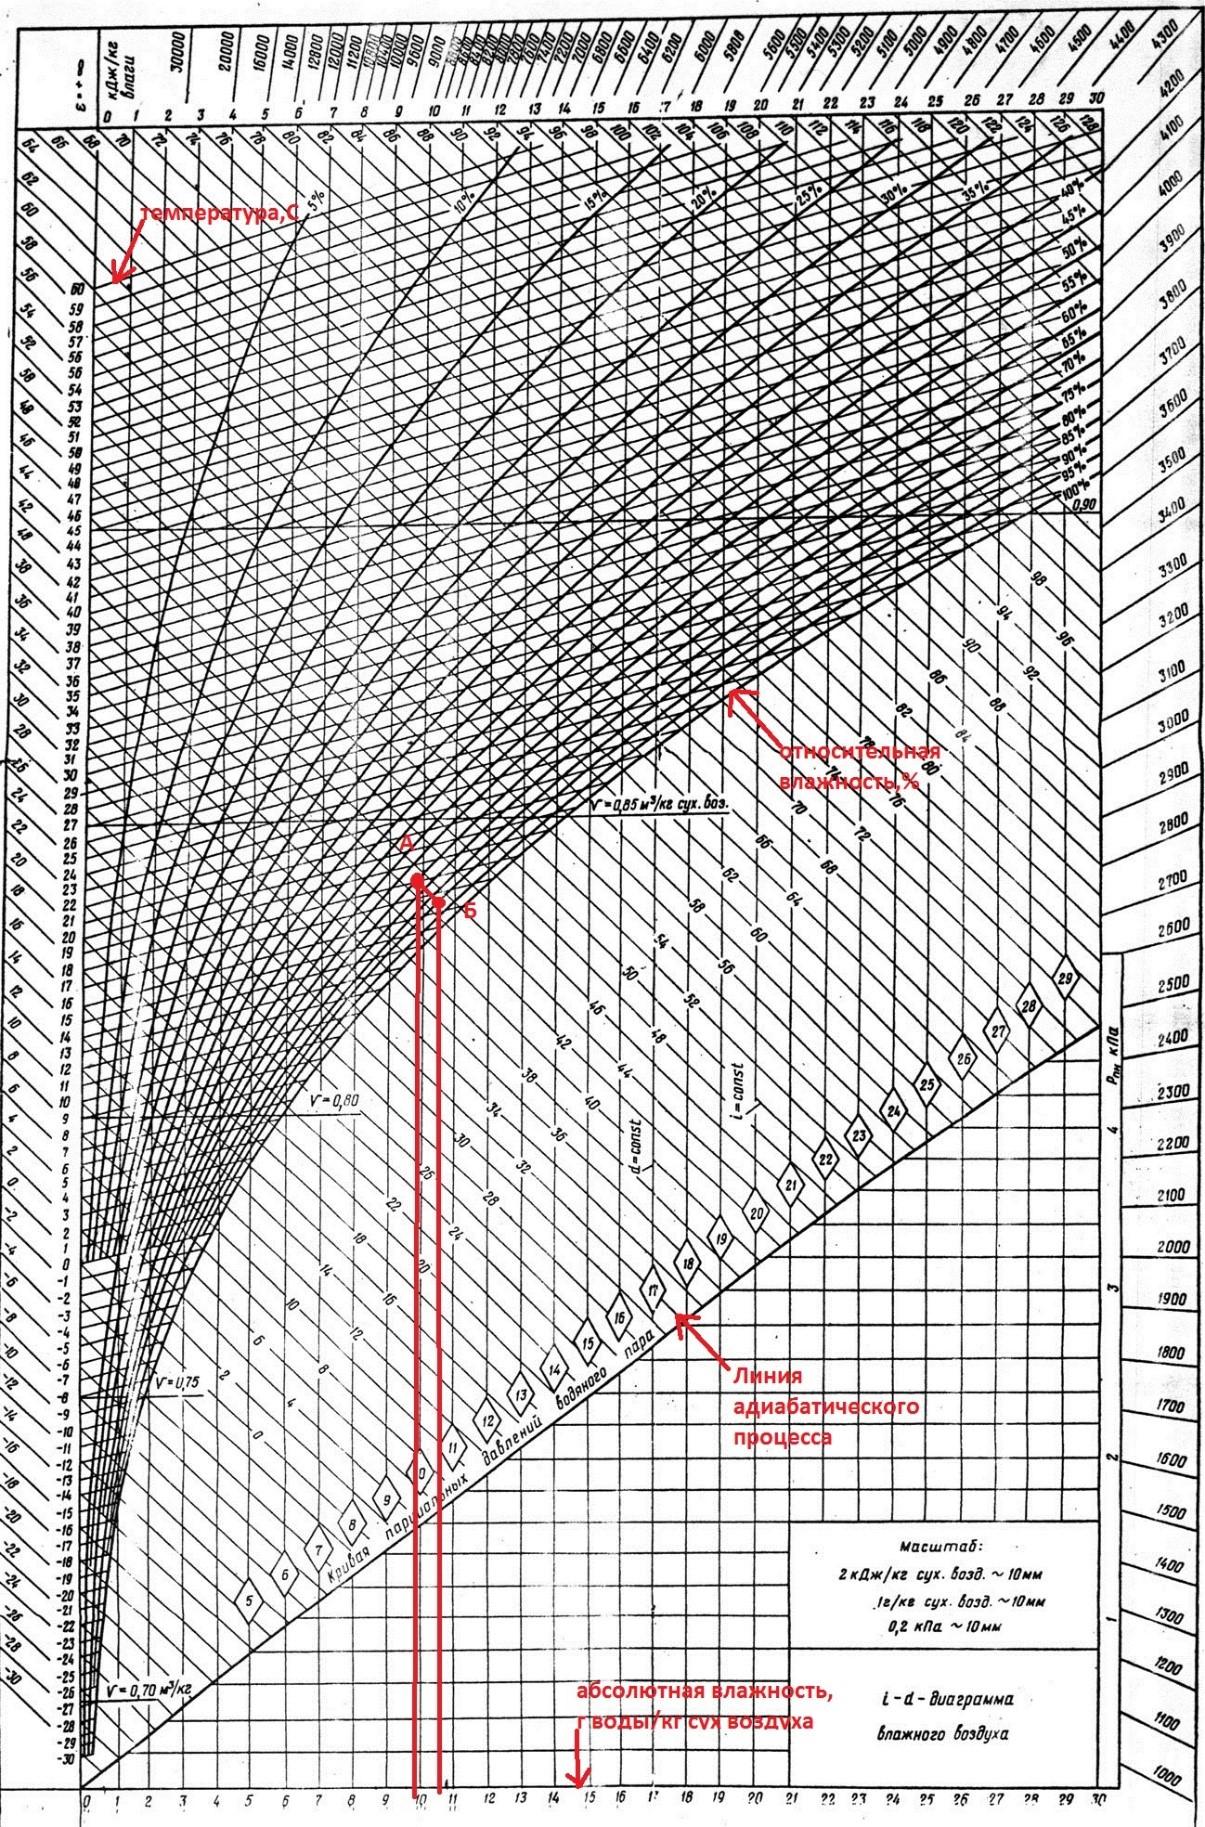 id-диаграмма влажного воздуха